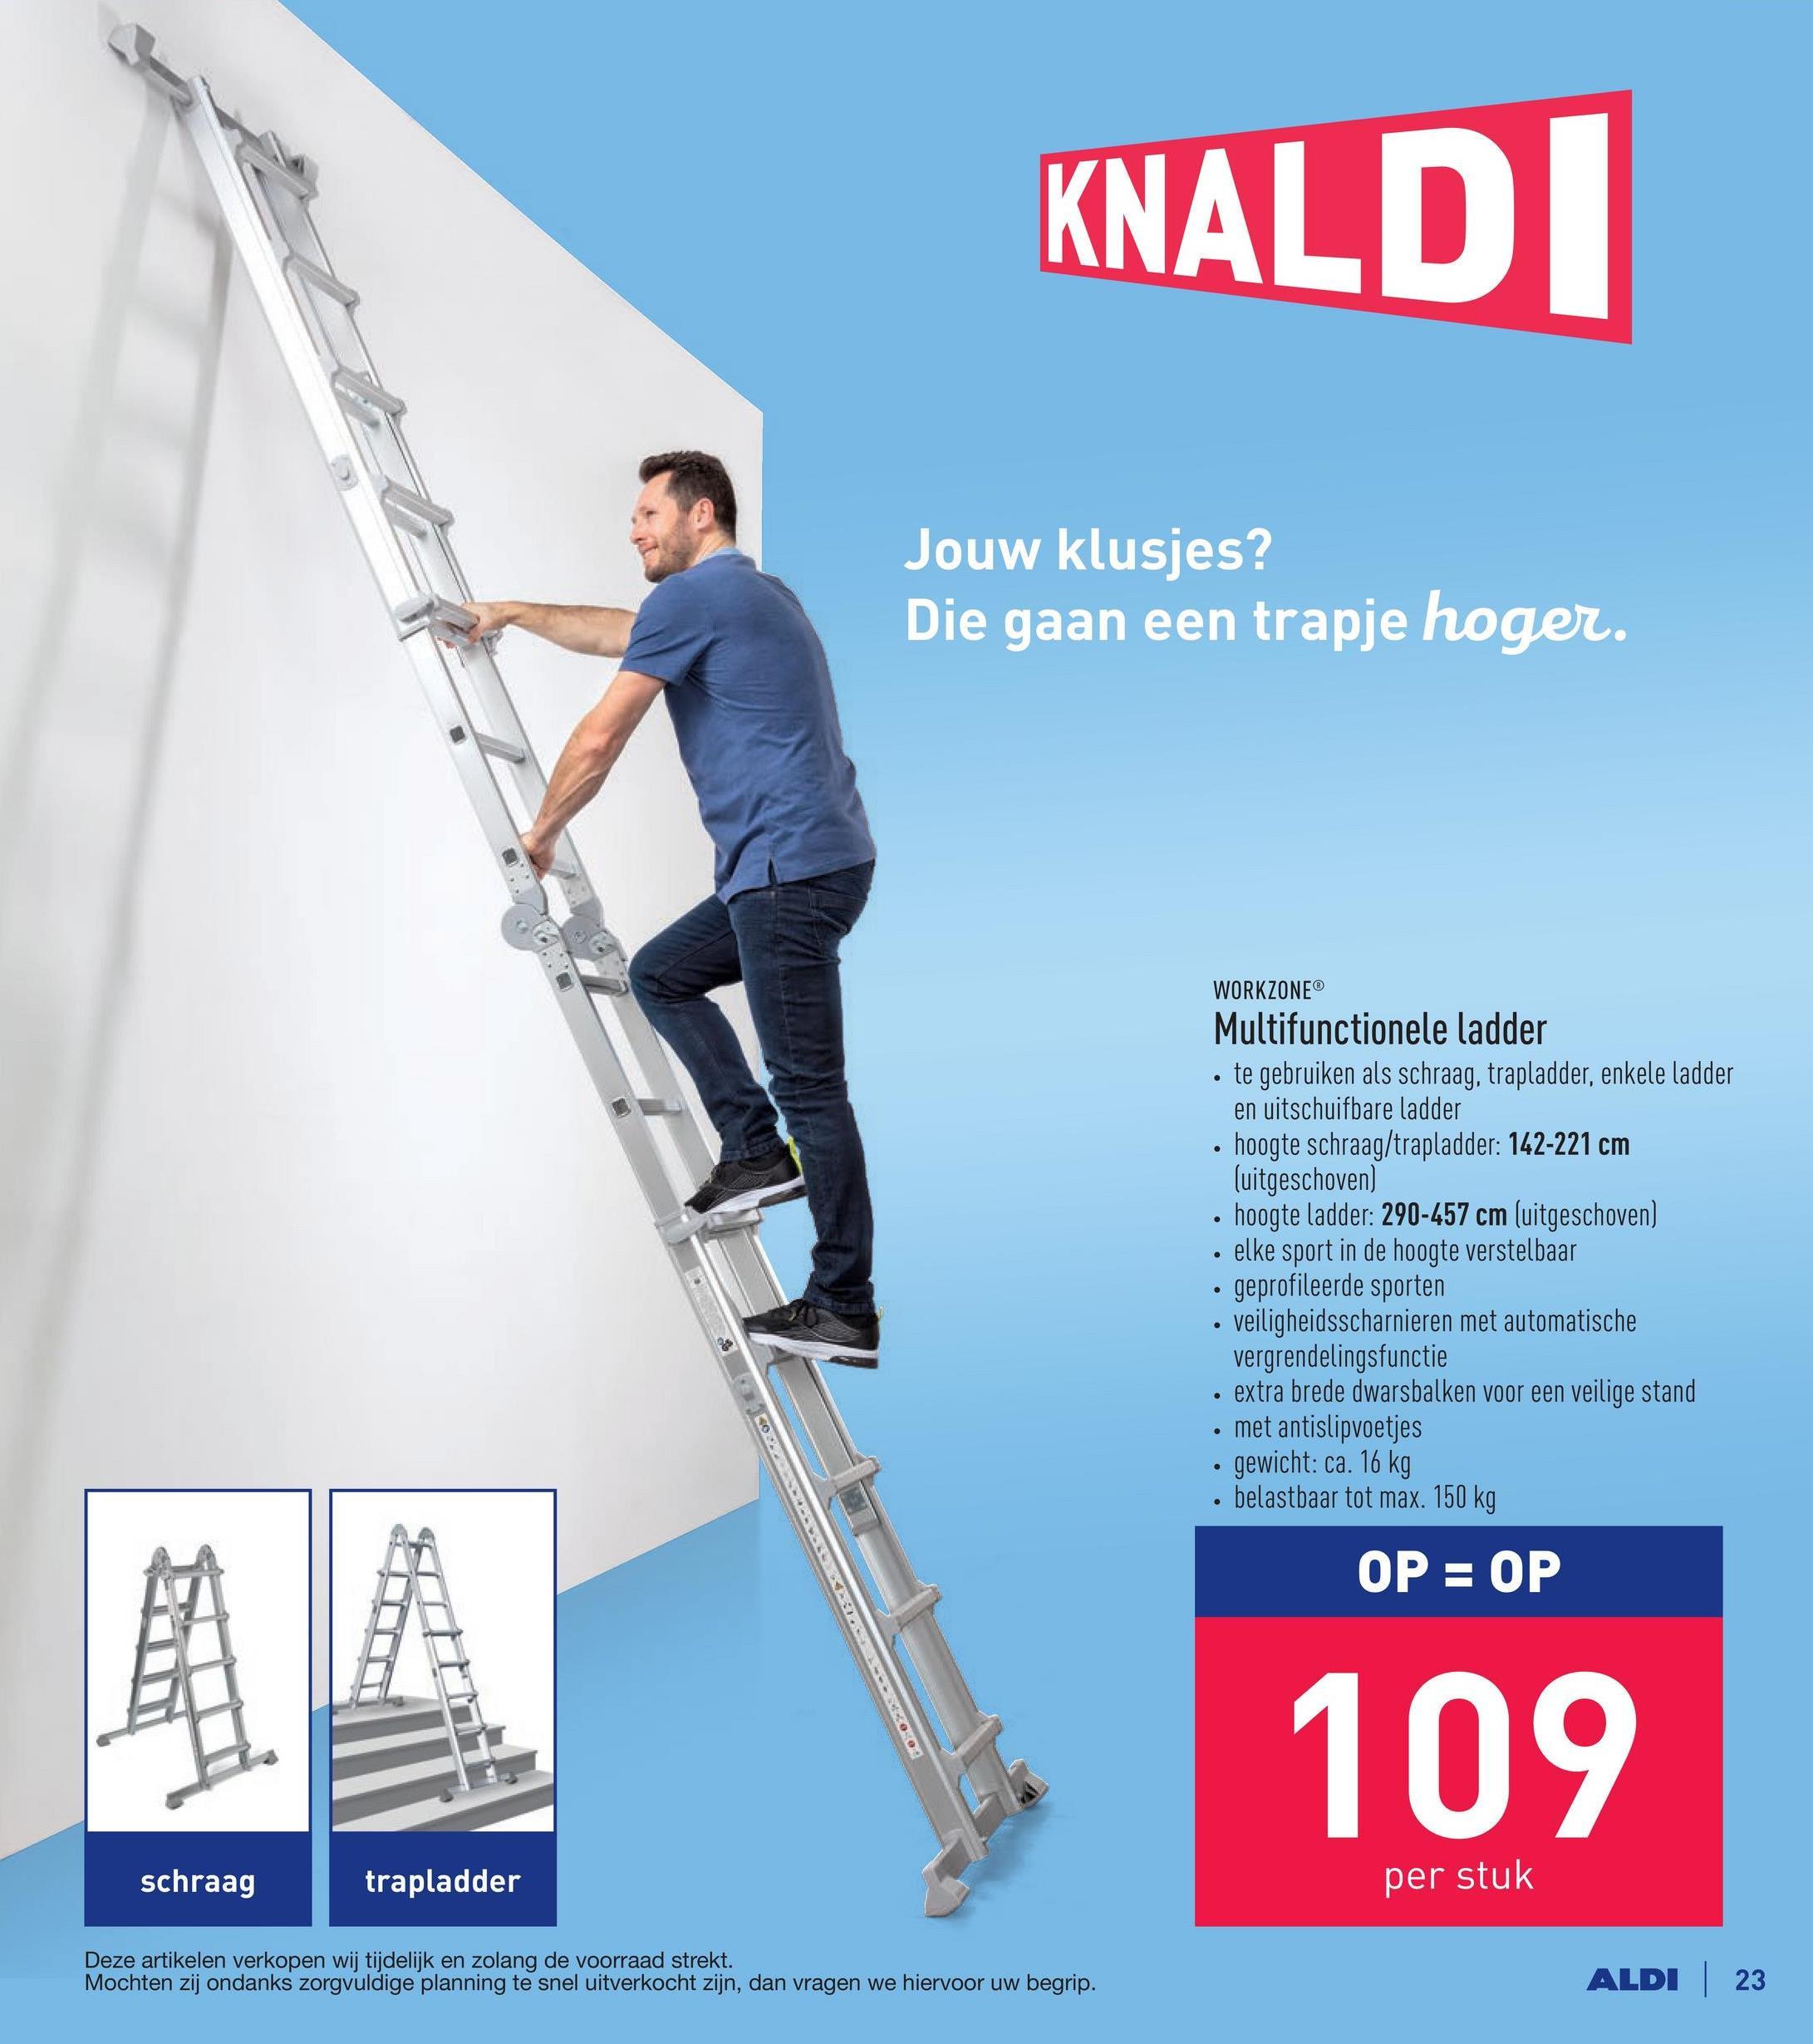 Multifunctionele ladder te gebruiken als schraag, trapladder, enkele ladder en uitschuifbare ladderhoogte schraag/trapladder: 142-221 cm (uitgeschoven)hoogte ladder: 290-457 cm (uitgeschoven)elke sport in de hoogte verstelbaargeprofileerde sportenveiligheidsscharnieren met automatische vergrendelingsfunctieextra brede dwarsbalken voor een veilige standmet antislipvoetjesgewicht: ca. 16 kgbelastbaar tot max. 150 kg